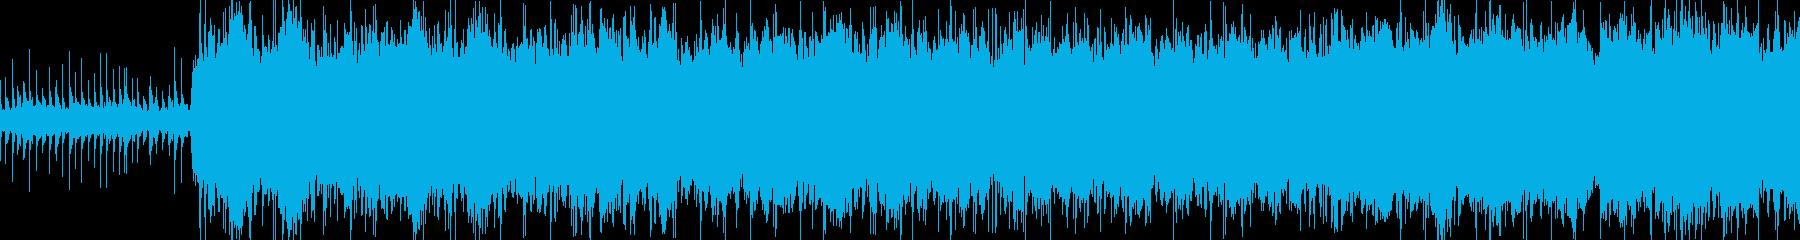 感動的な雰囲気のシンプルなエレクトロニカの再生済みの波形